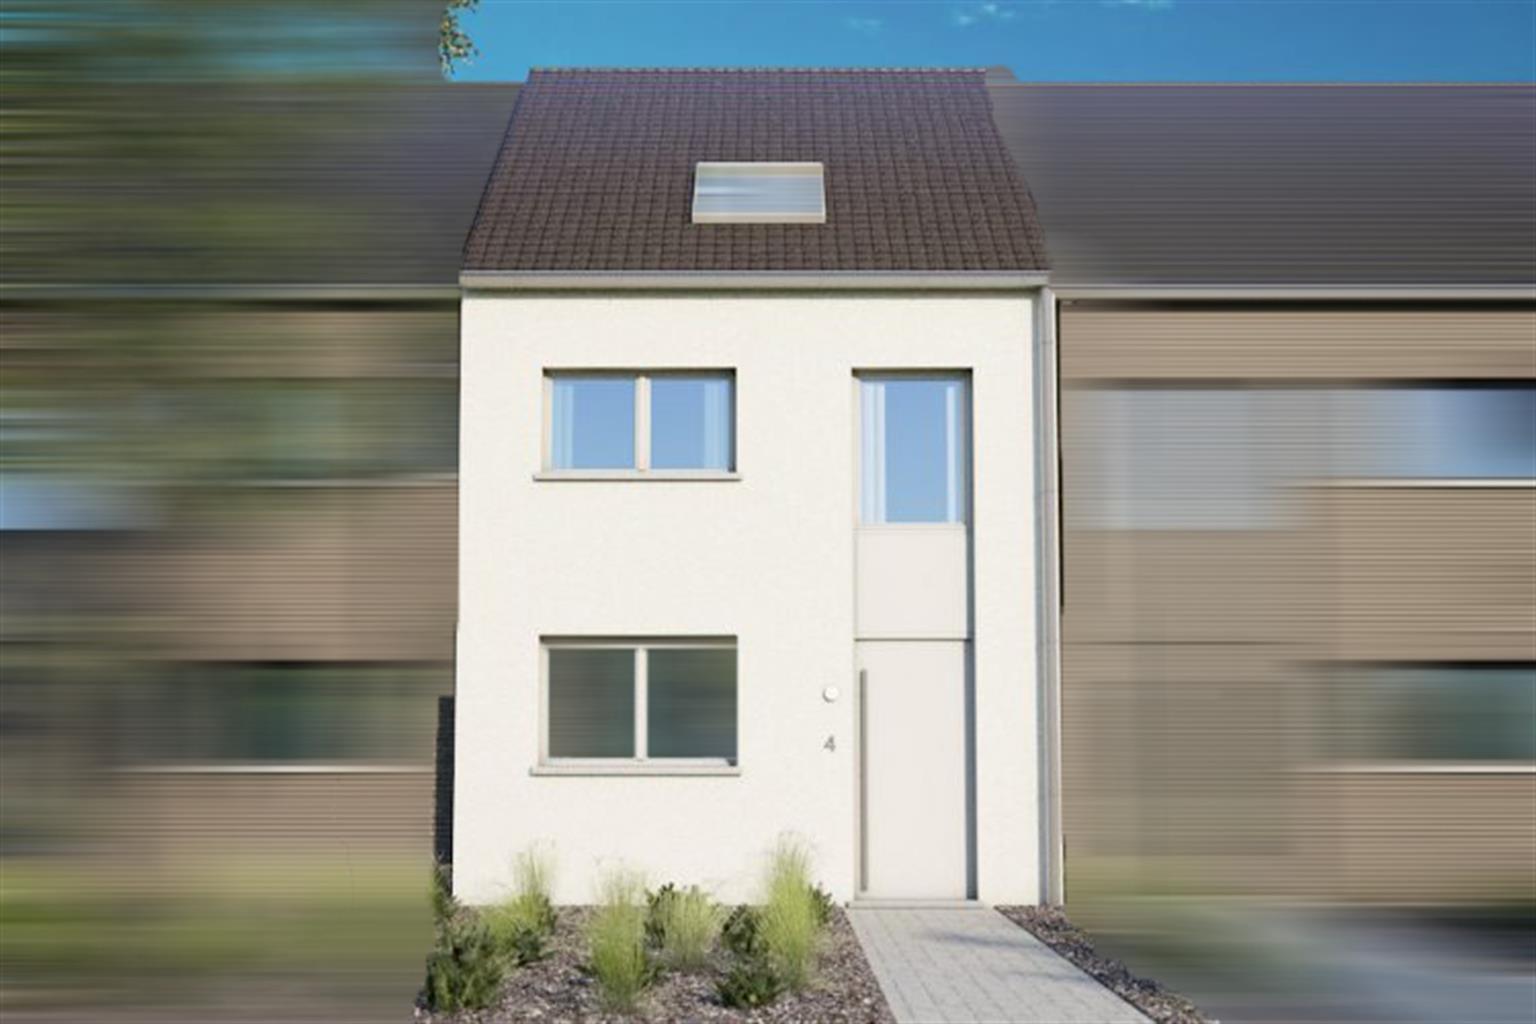 maisons dans le centre de Braine-le-Comte - Braine-le-Comte - #4082169-1